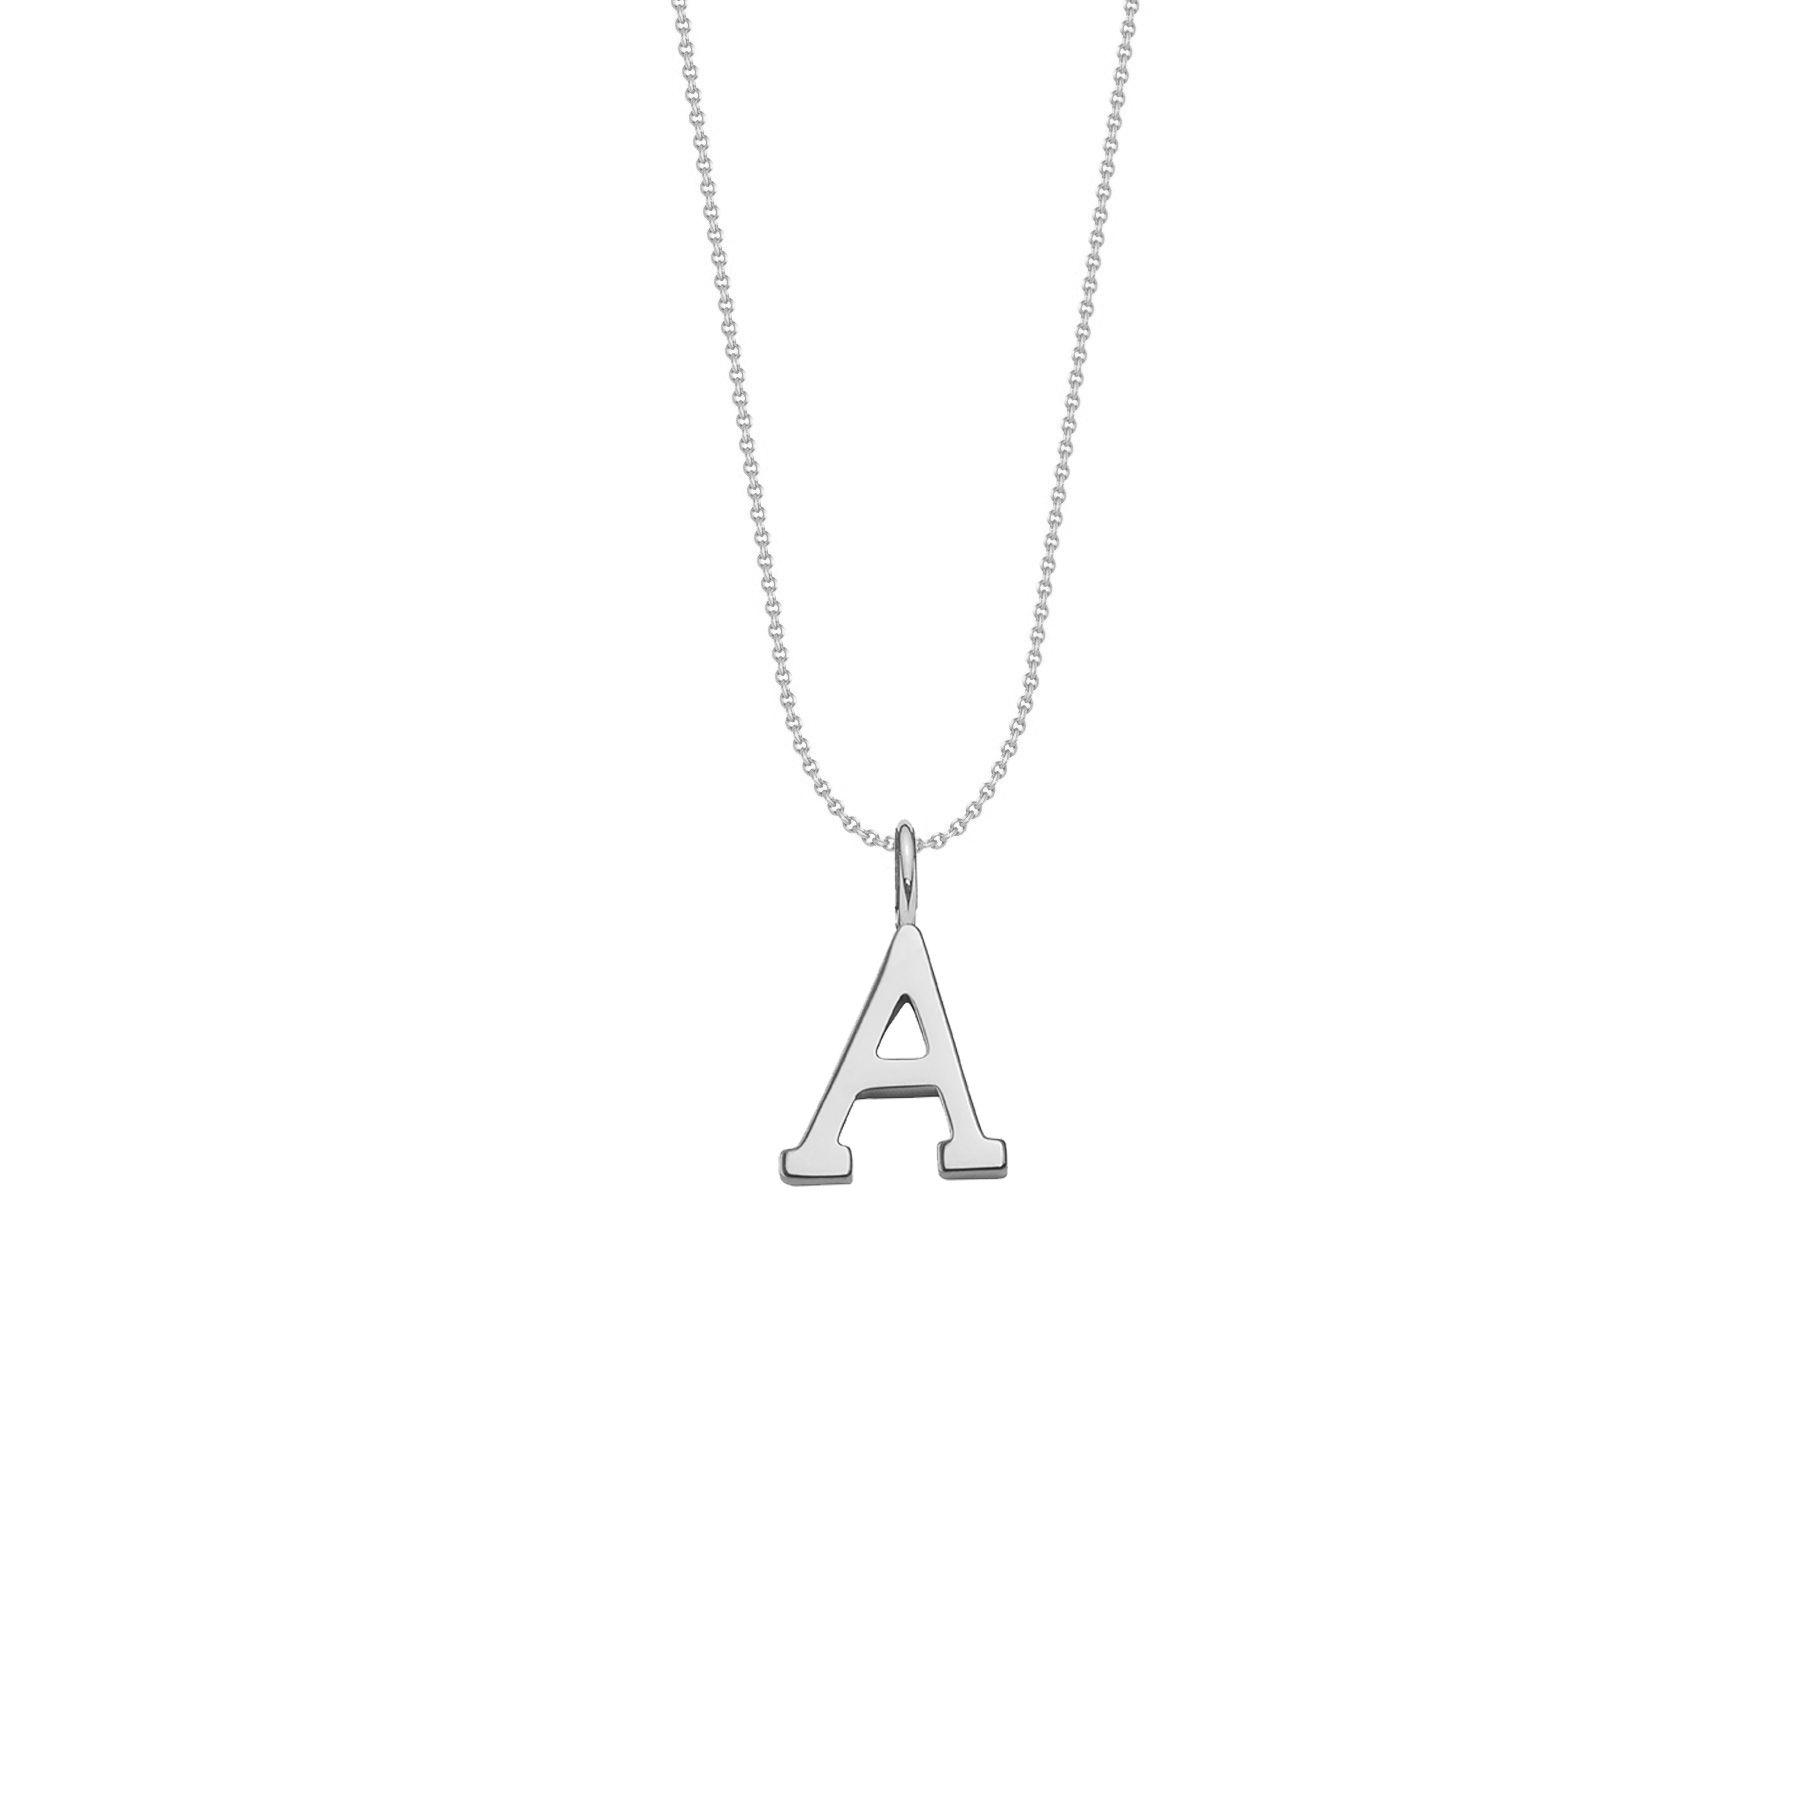 Naszyjnik z posrebrzaną literką A na łańcuszku nitka